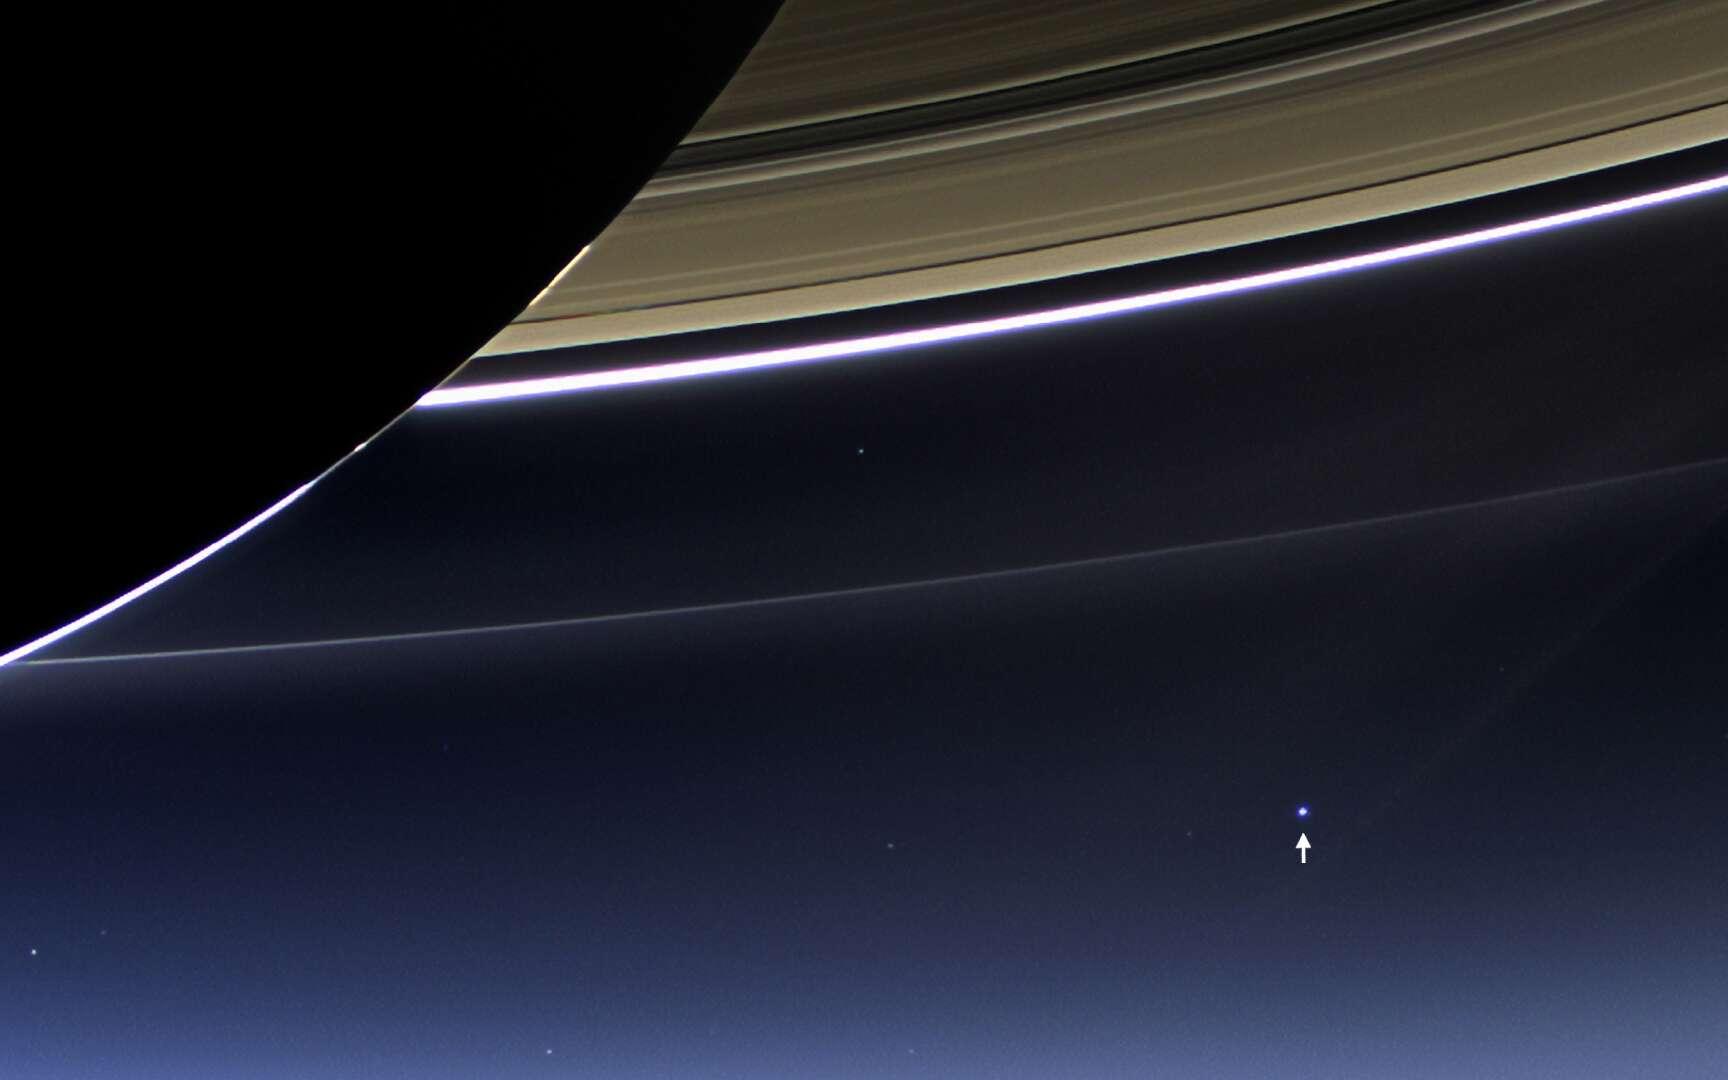 Cette image a été obtenue à partir de plusieurs photographies prises par la sonde Cassini le 19 juillet 2013, à une distance d'environ 1.212.000 km de Saturne, et environ 1.445.858.000 km de la Terre. L'échelle de représentation de Saturne est de 69 km par pixel, et celle de la Terre est de 86.620 km par pixel. Cela veut dire que la Lune et la Terre n'apparaissent pas comme deux objets séparés sur cette image. © Nasa, JPL-Caltech, Space Science Institute